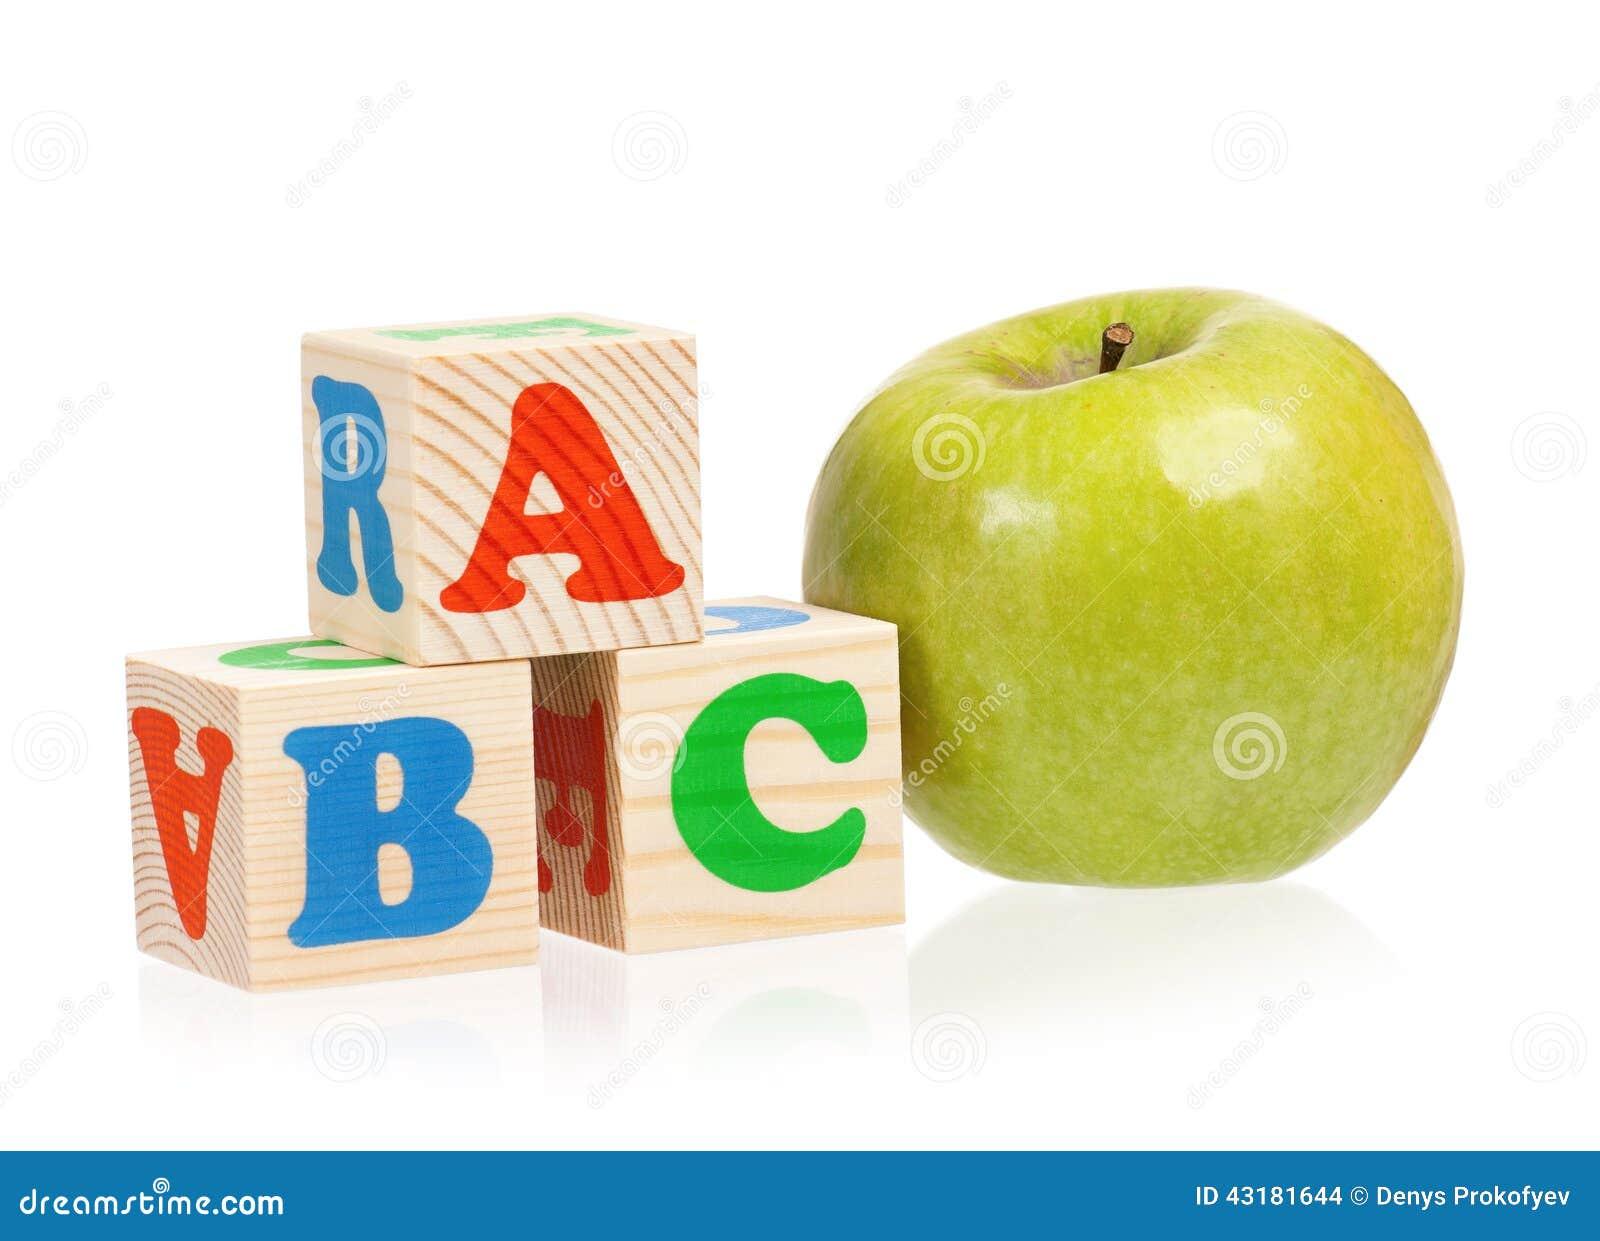 Learn ABC - Home | Facebook